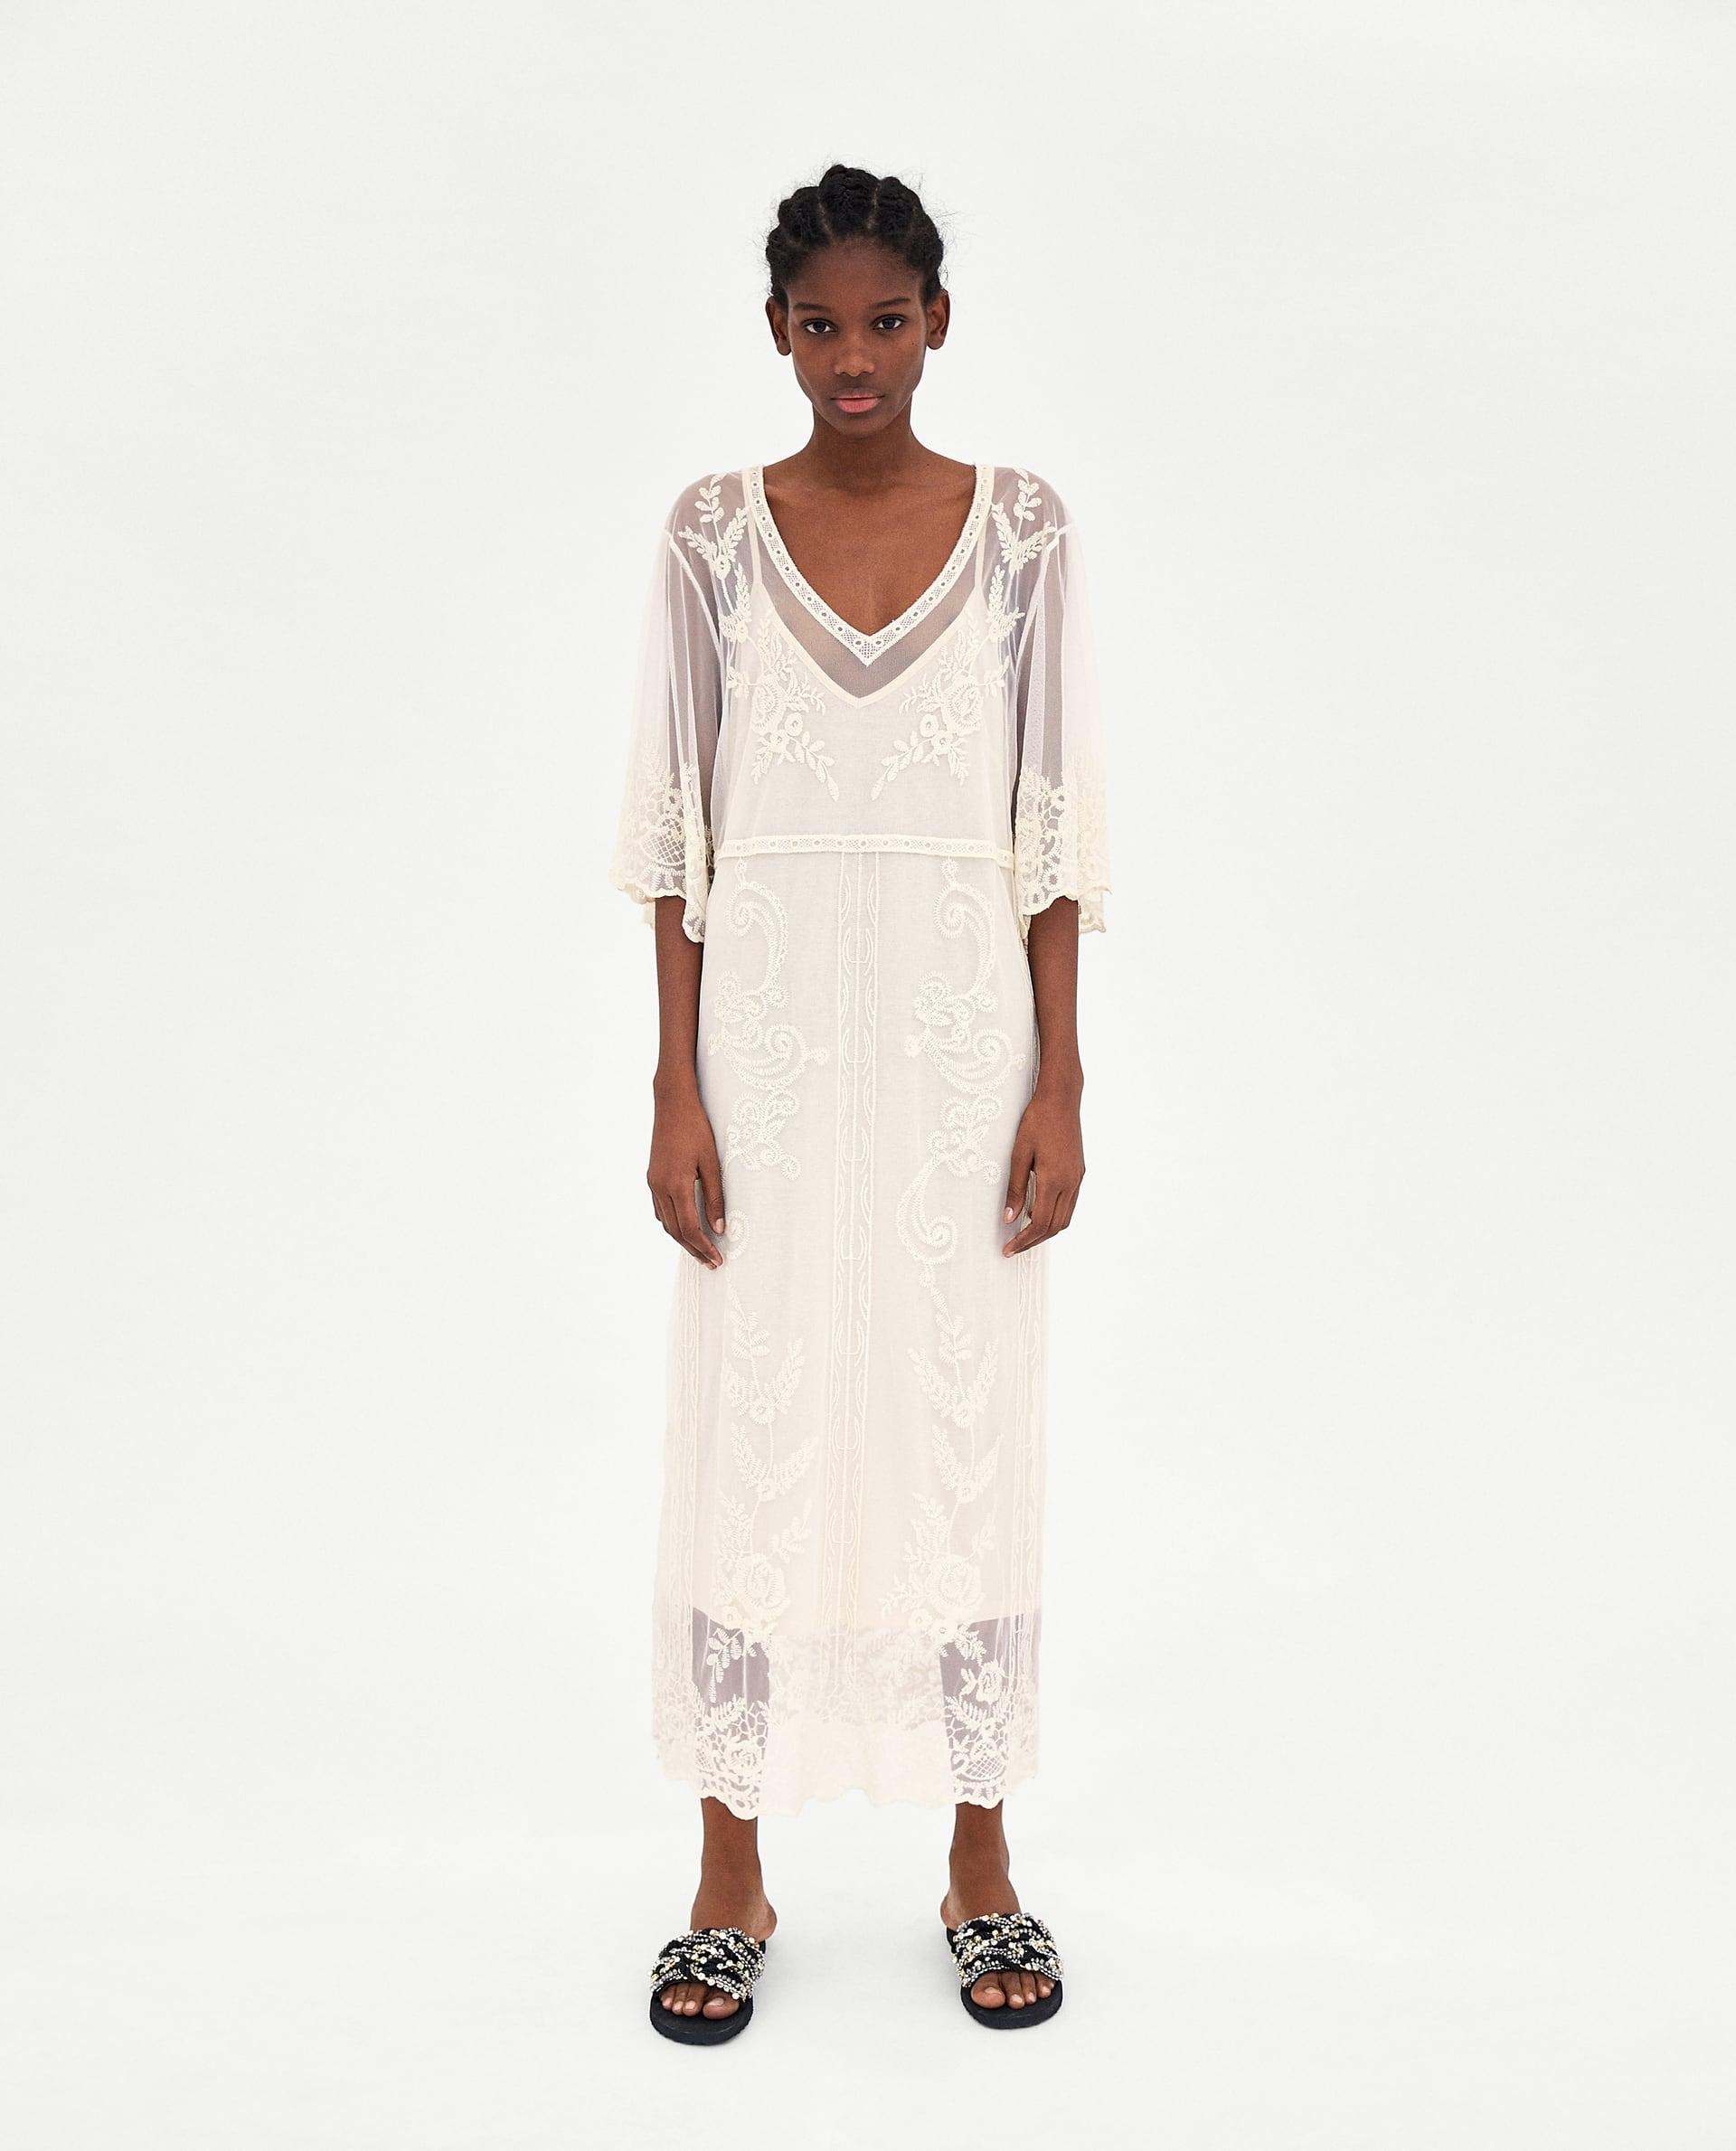 10. kép: Átlátszó ruha Zara 8995 Ft